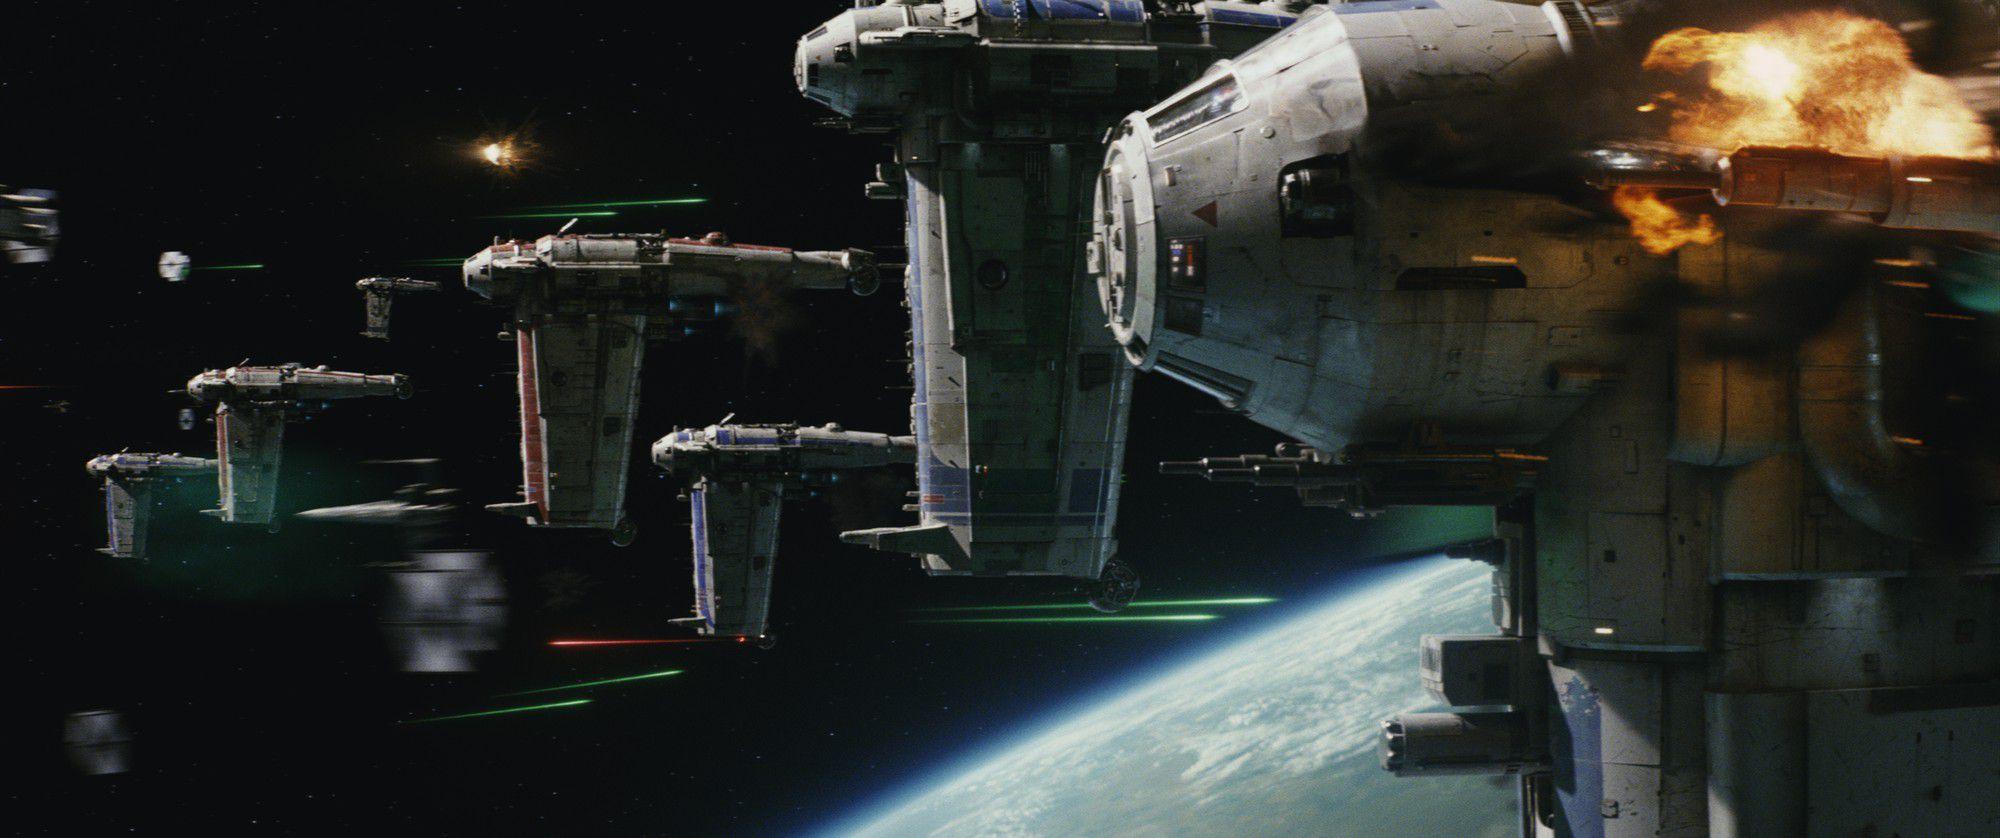 Star Wars: The Last Jedi - Món quà giáng sinh tuyệt vời của Disney (5)